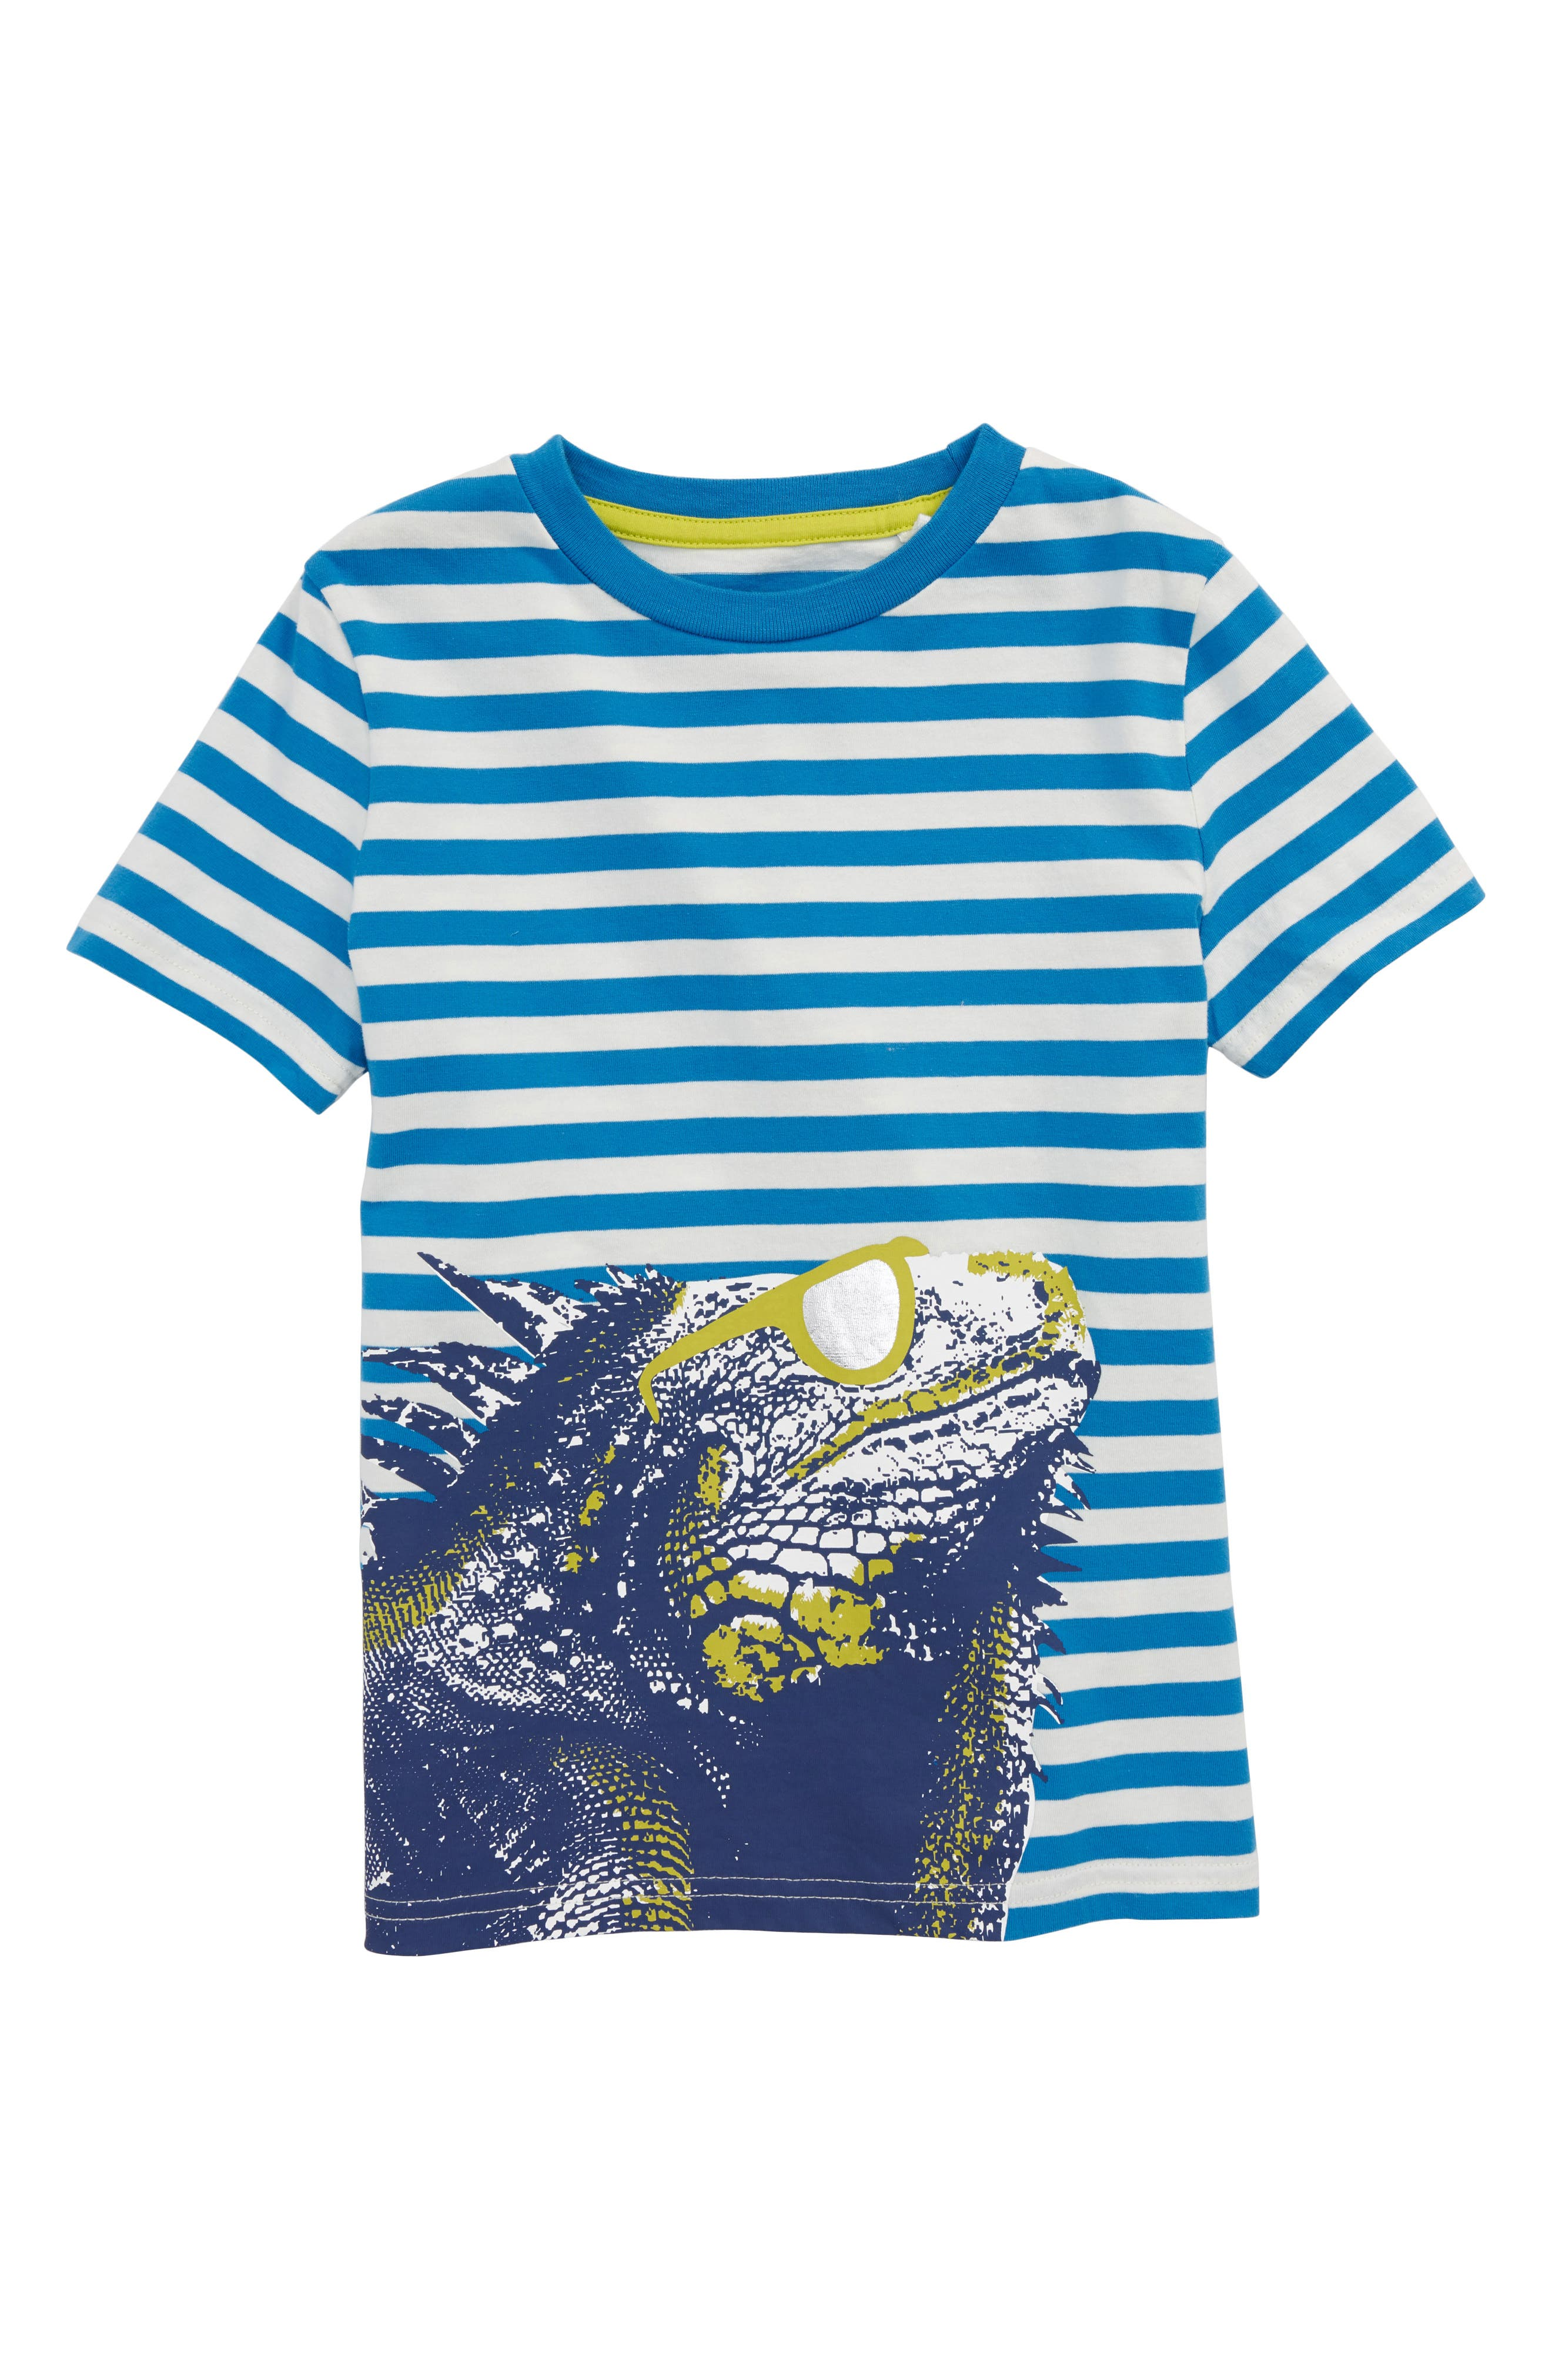 Arty Iguana T-Shirt,                         Main,                         color, Yogo Blue/ Ecru Iguana